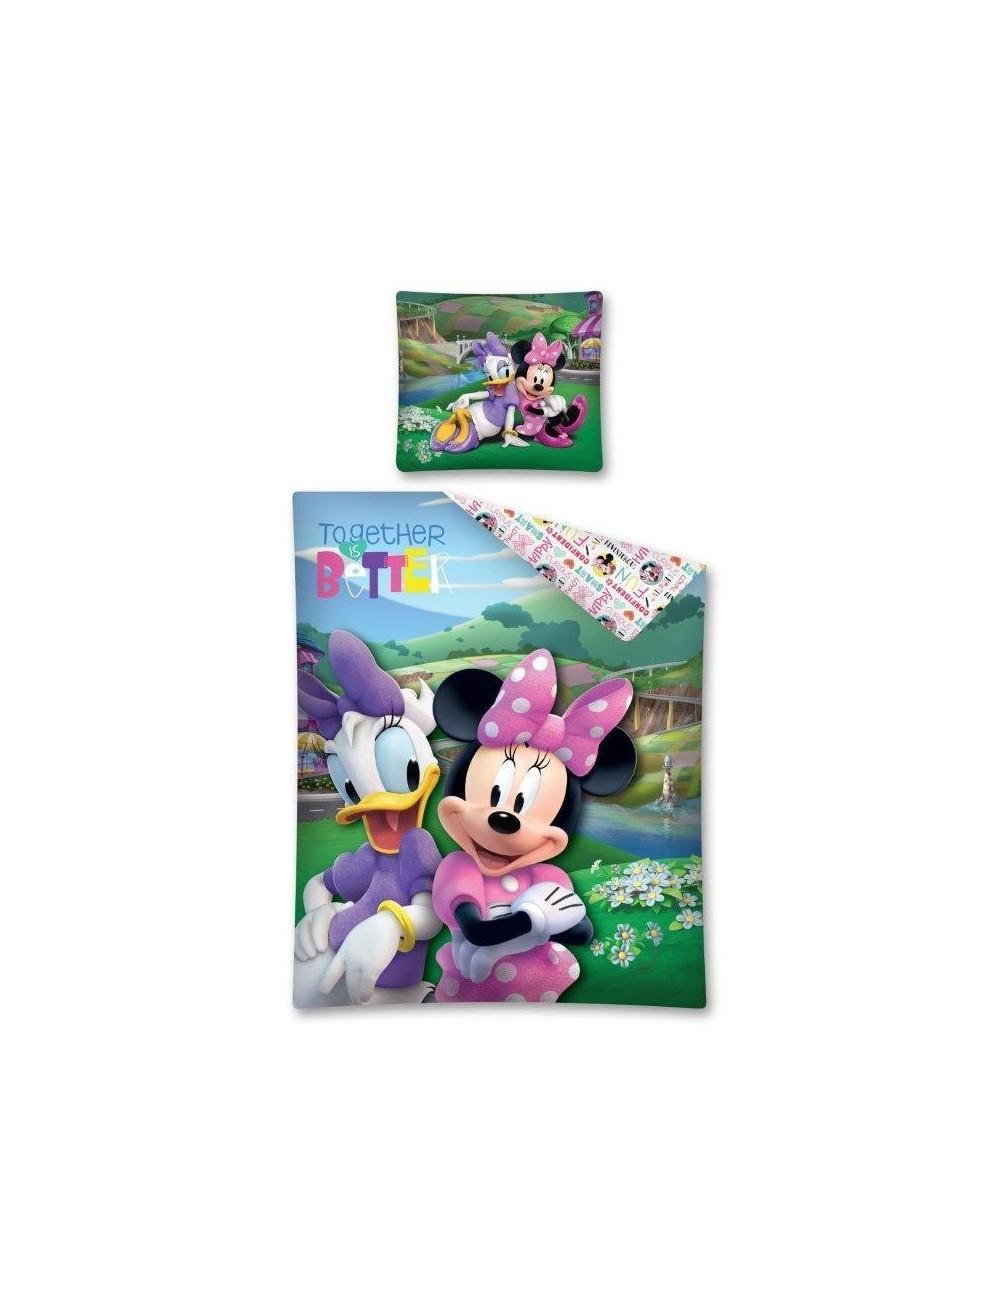 Lenjerie de pat Minnie Mouse & Daisy, 140 x 200 cm